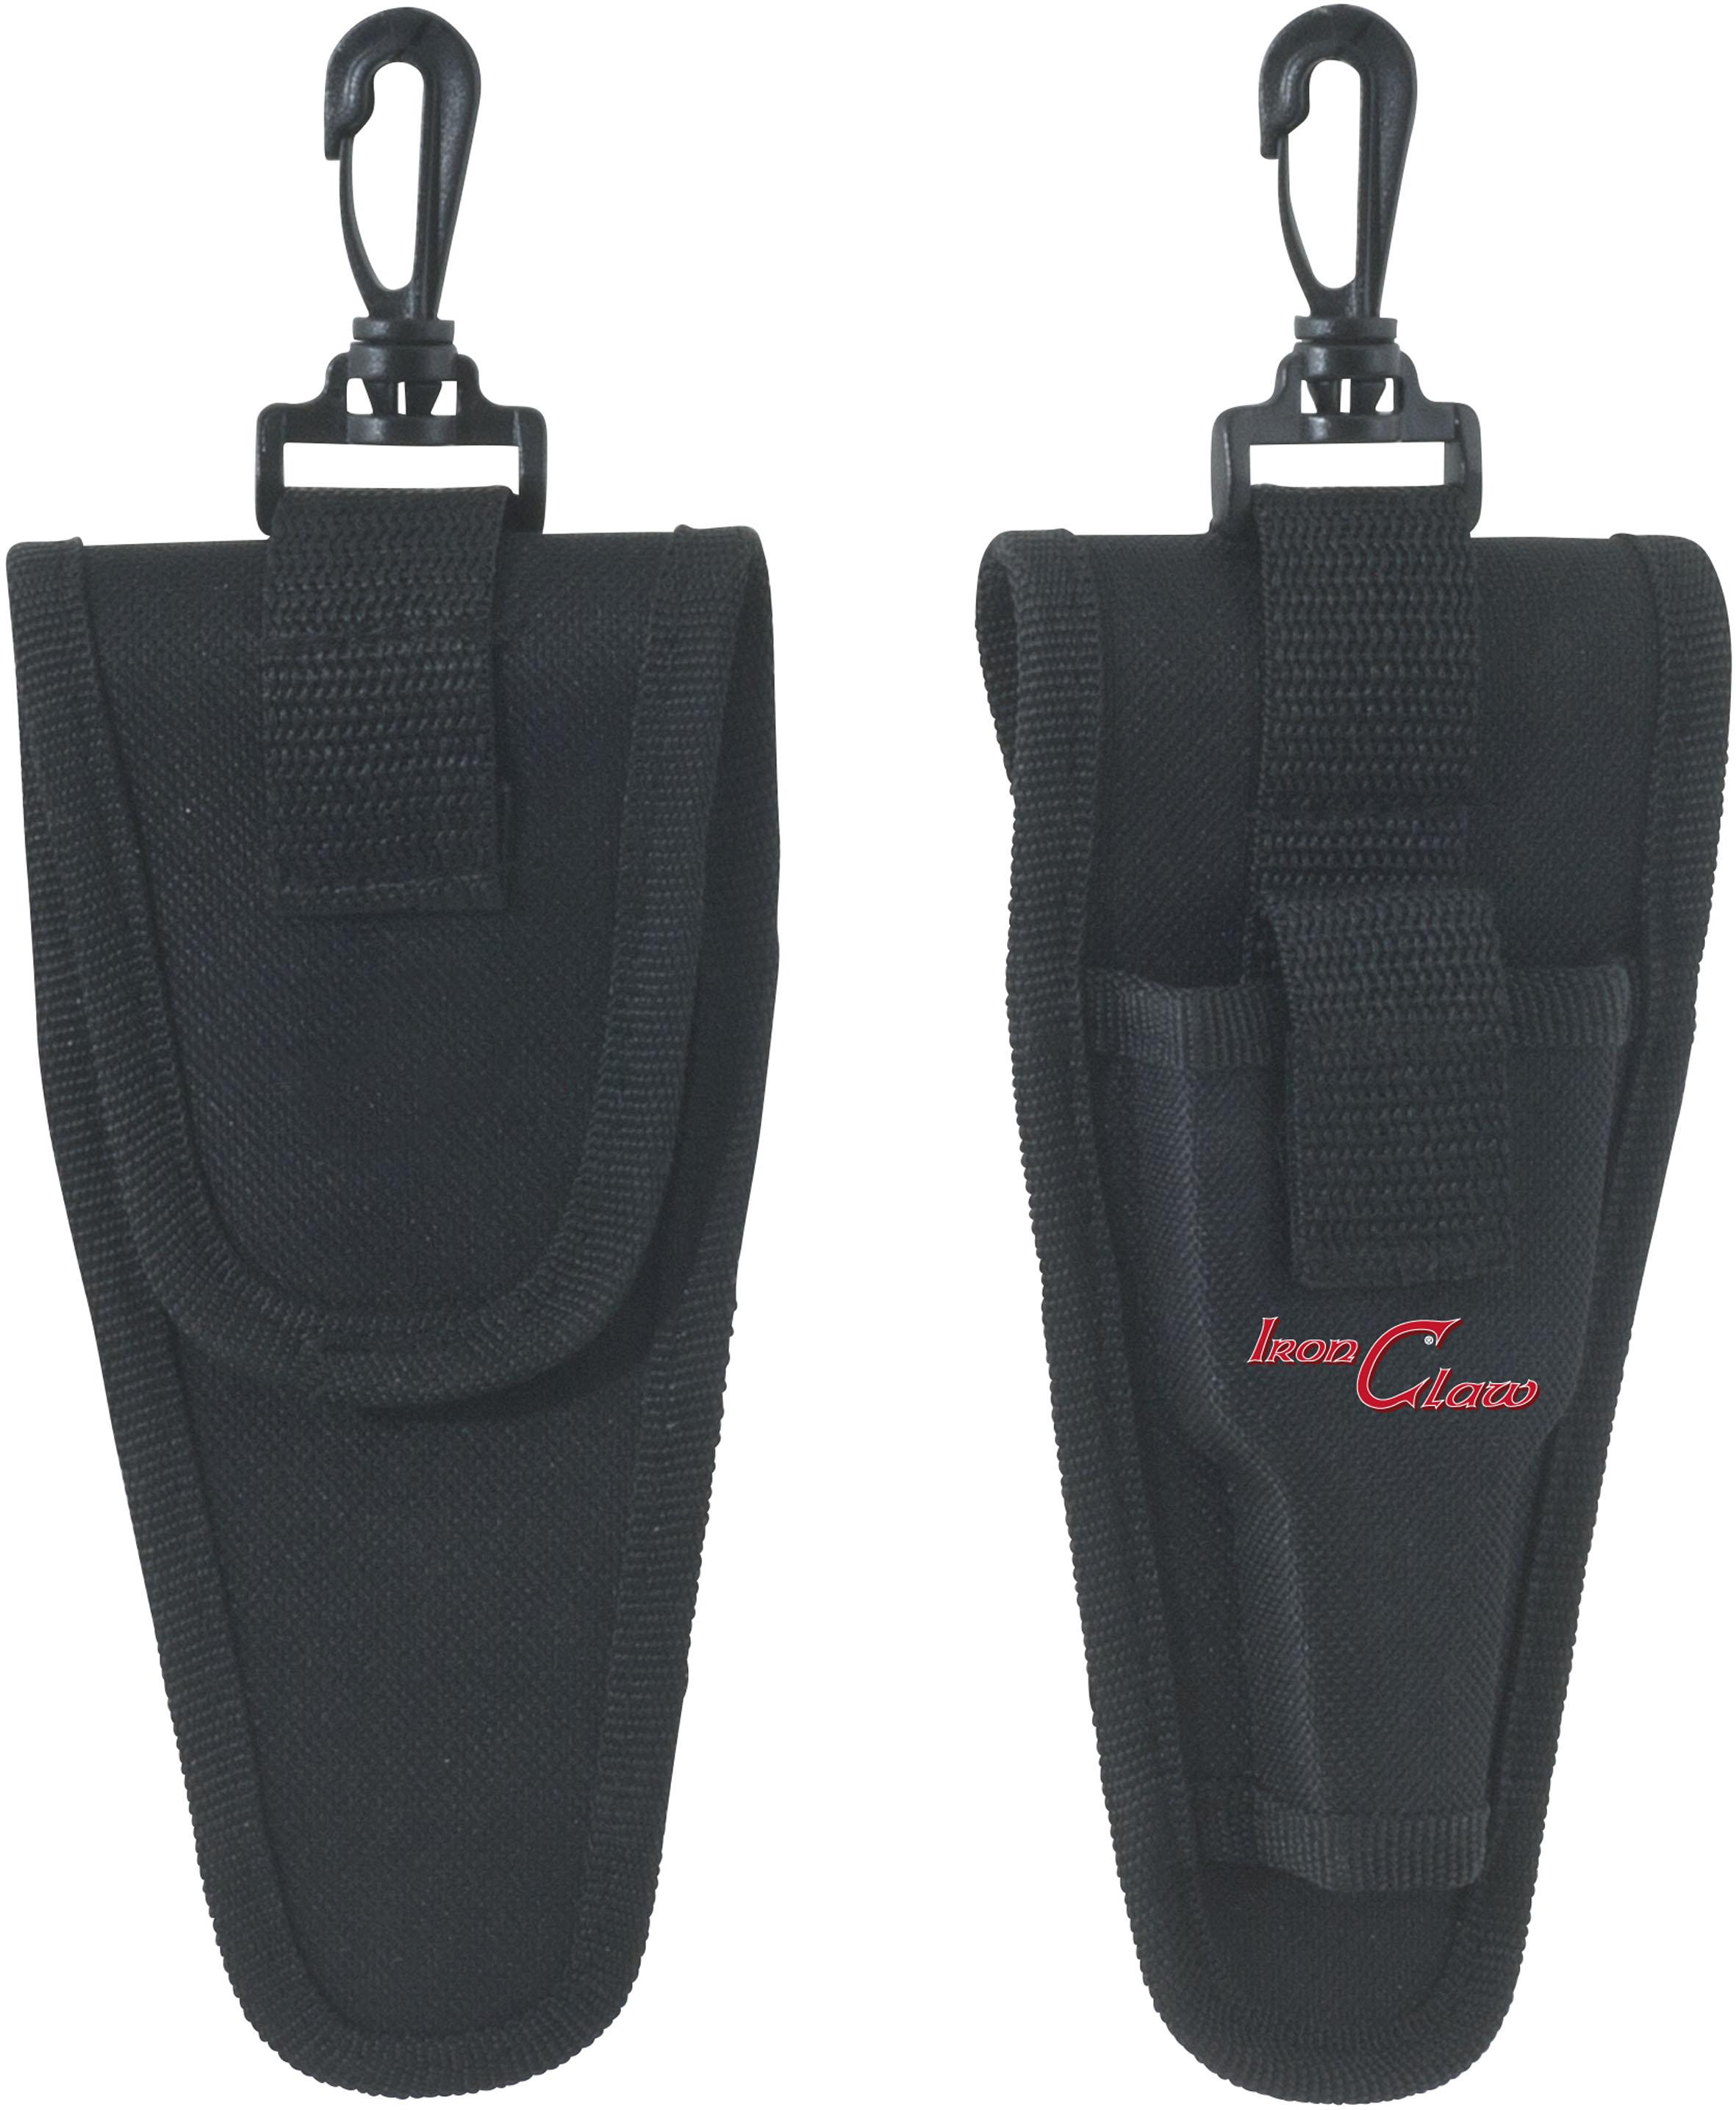 Iron Claw pouzdro na kleště Plier Bag Možnost B